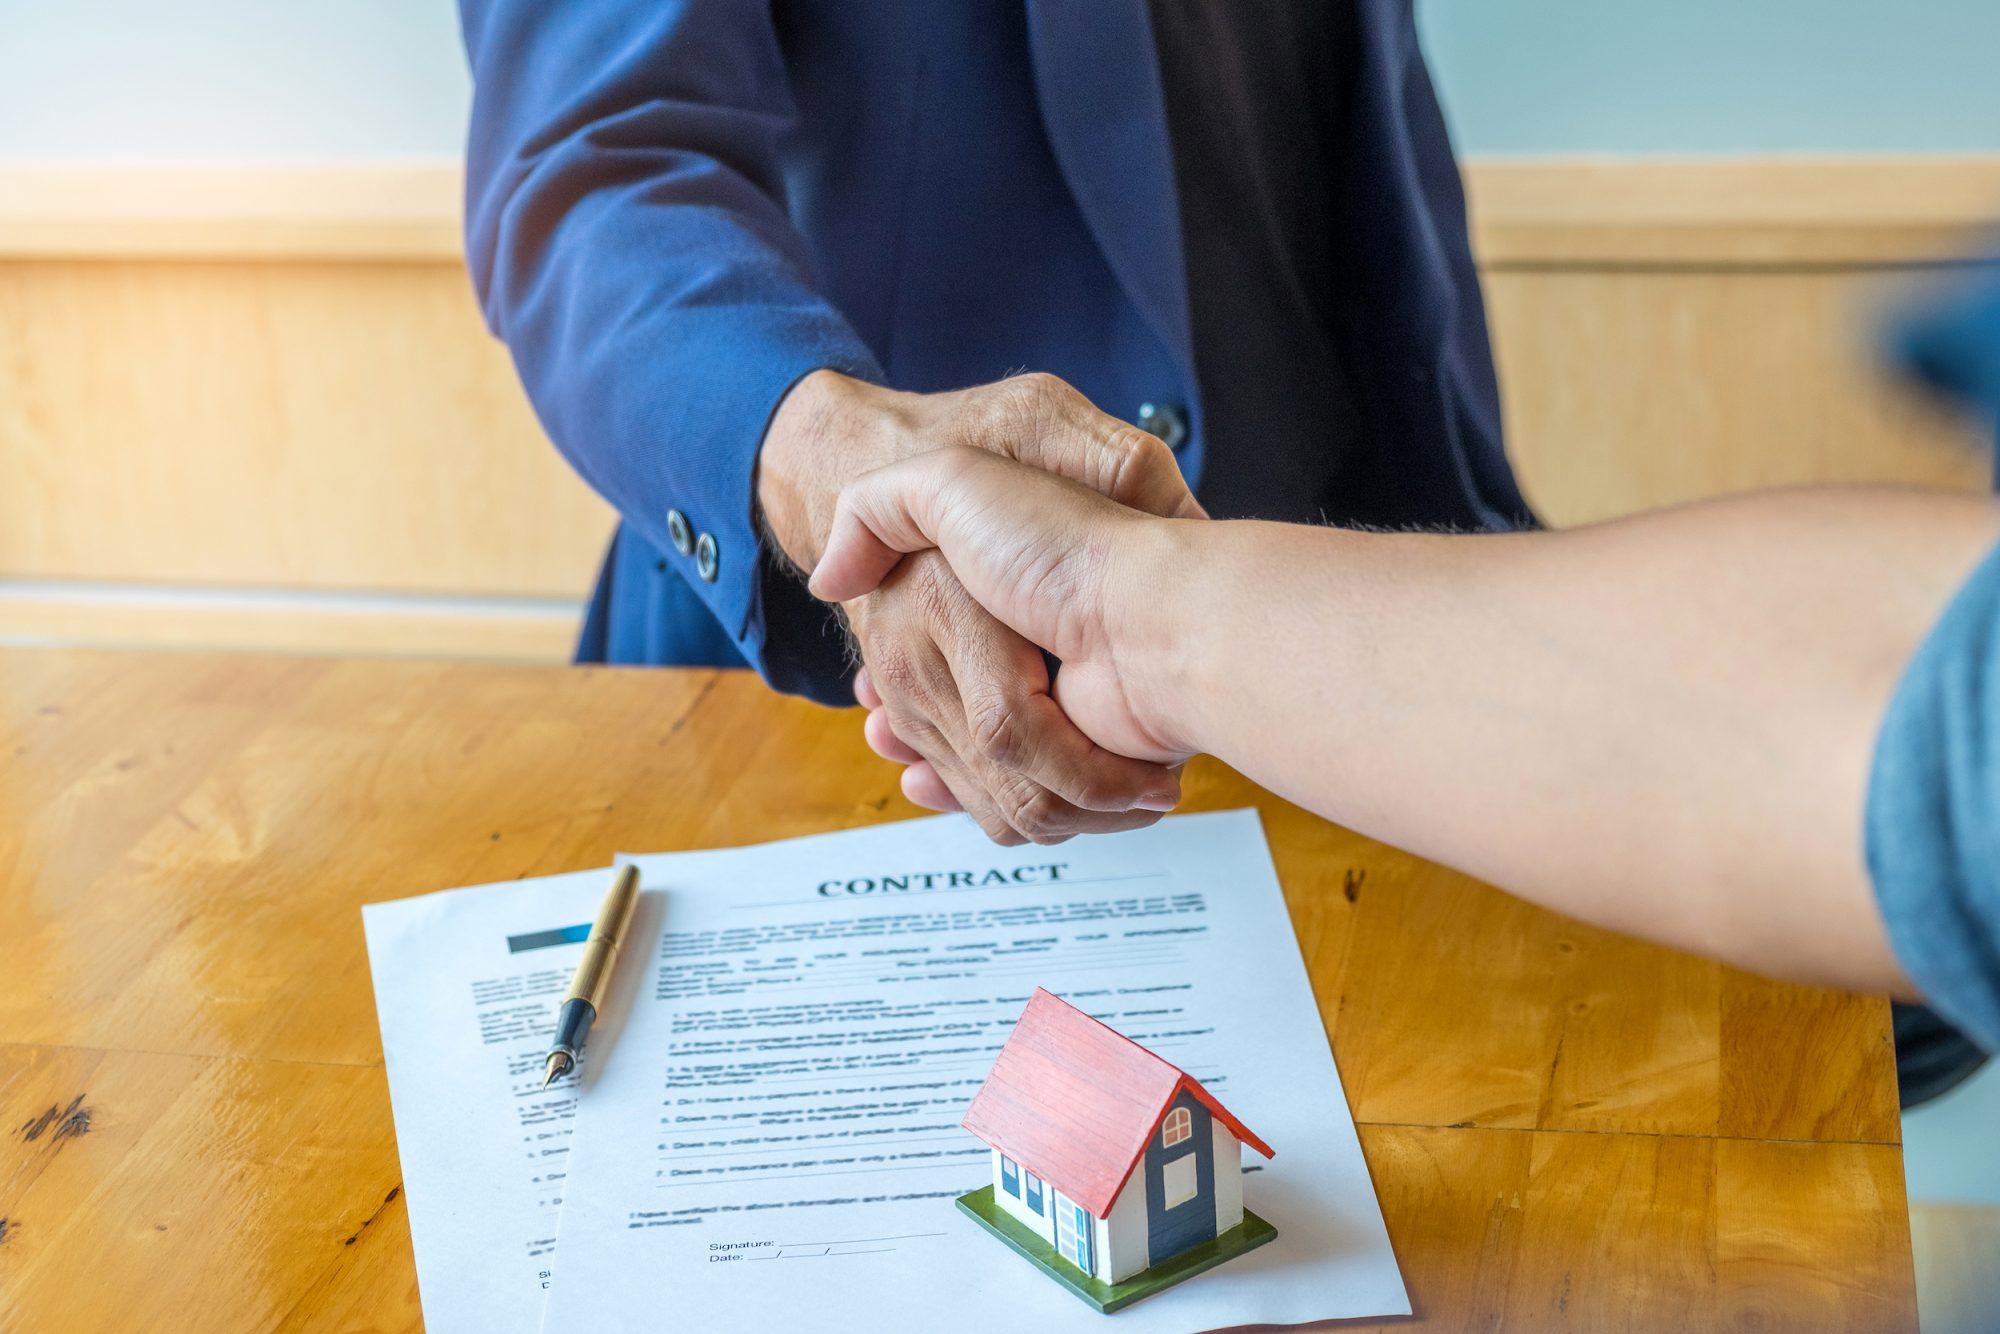 More than QR 421 Million Real Estate Transaction Volume this Week